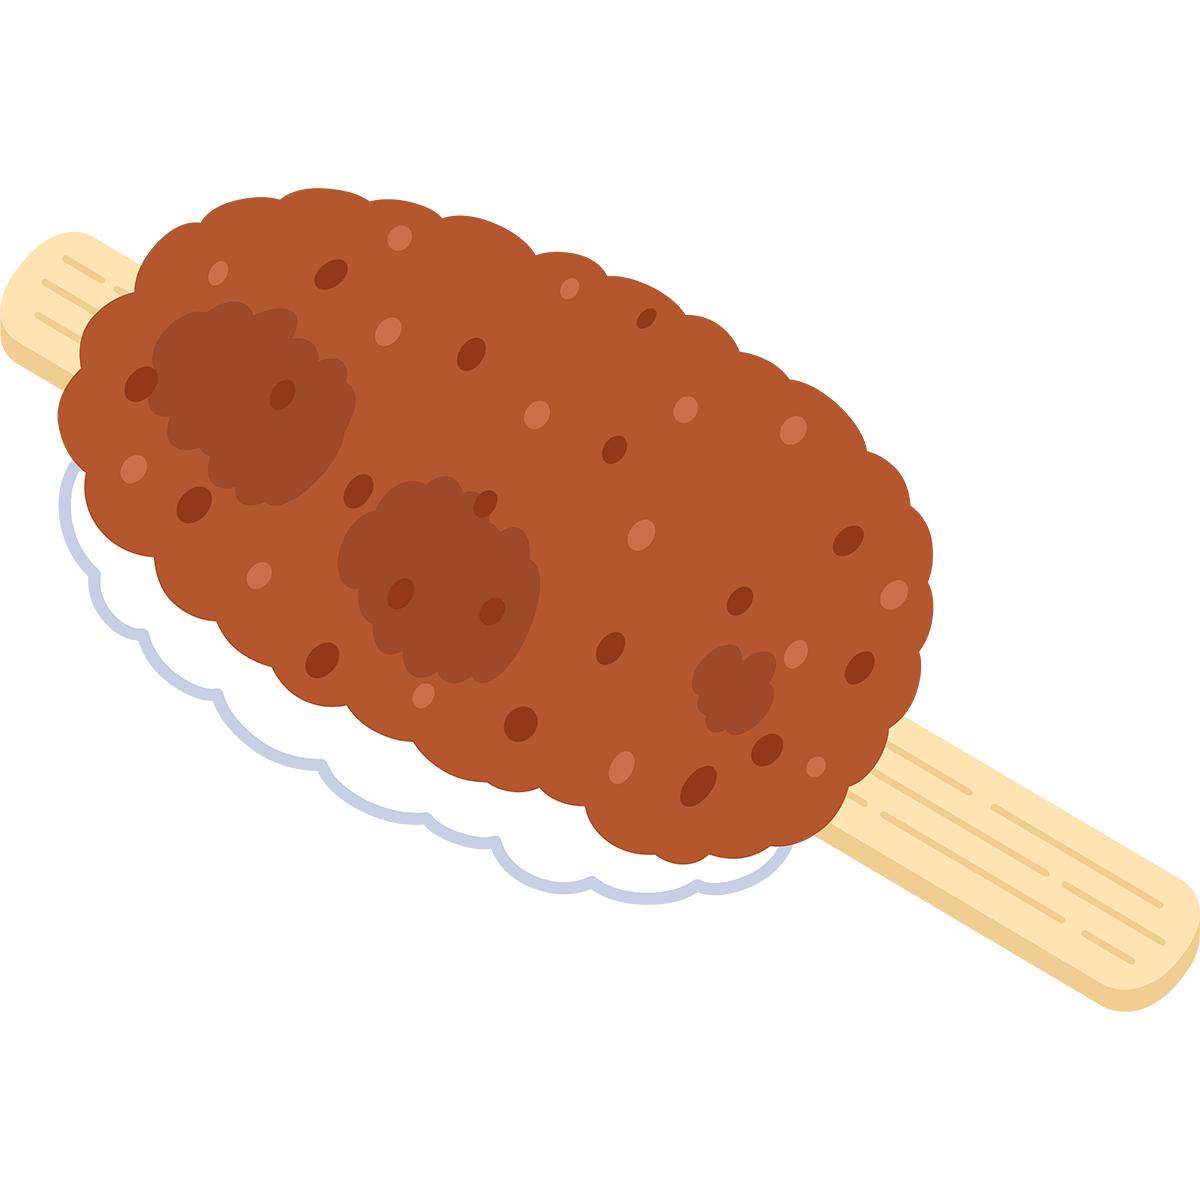 五平餅の無料イラスト